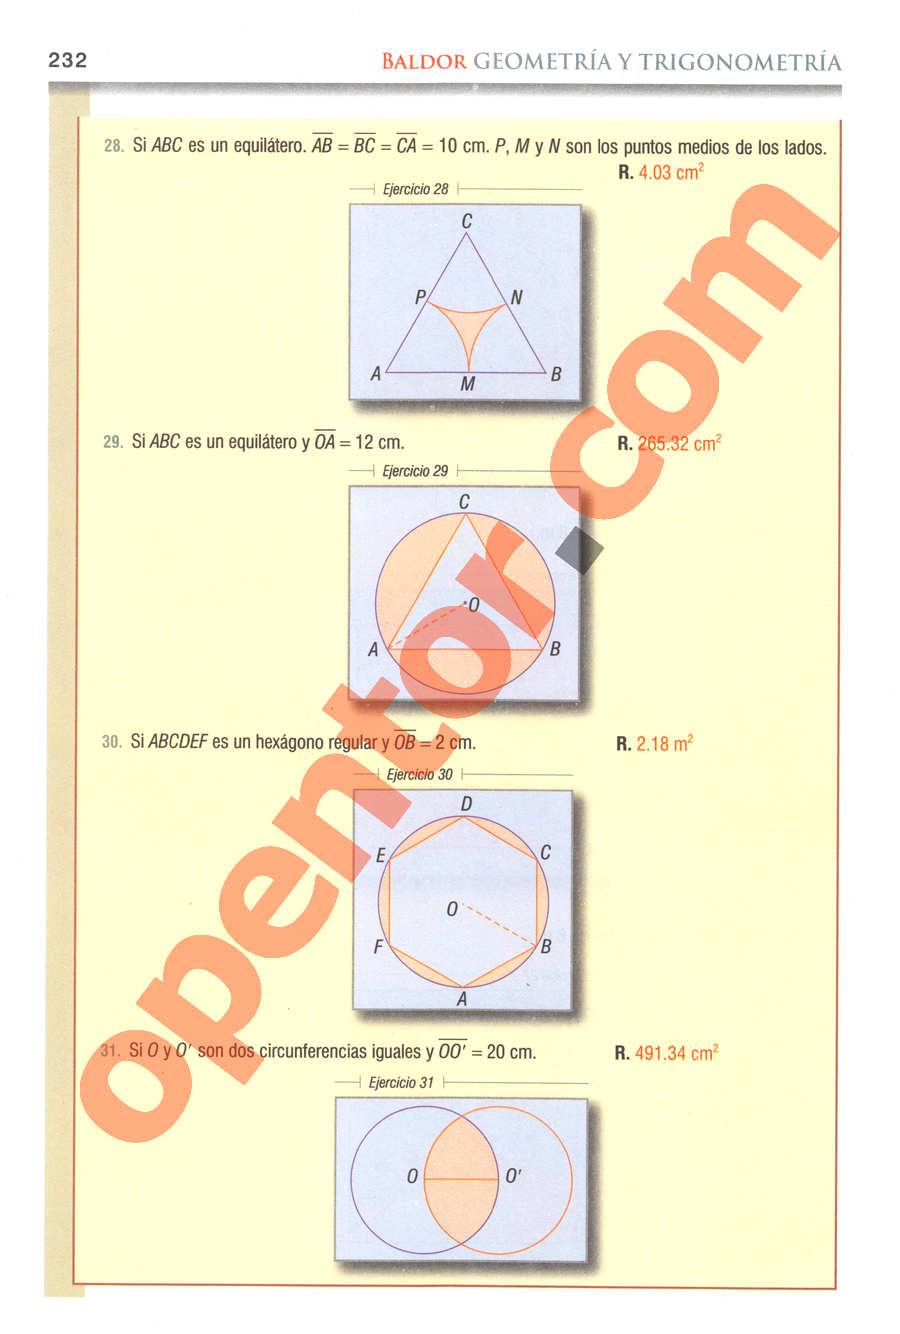 Geometría y Trigonometría de Baldor - Página 232